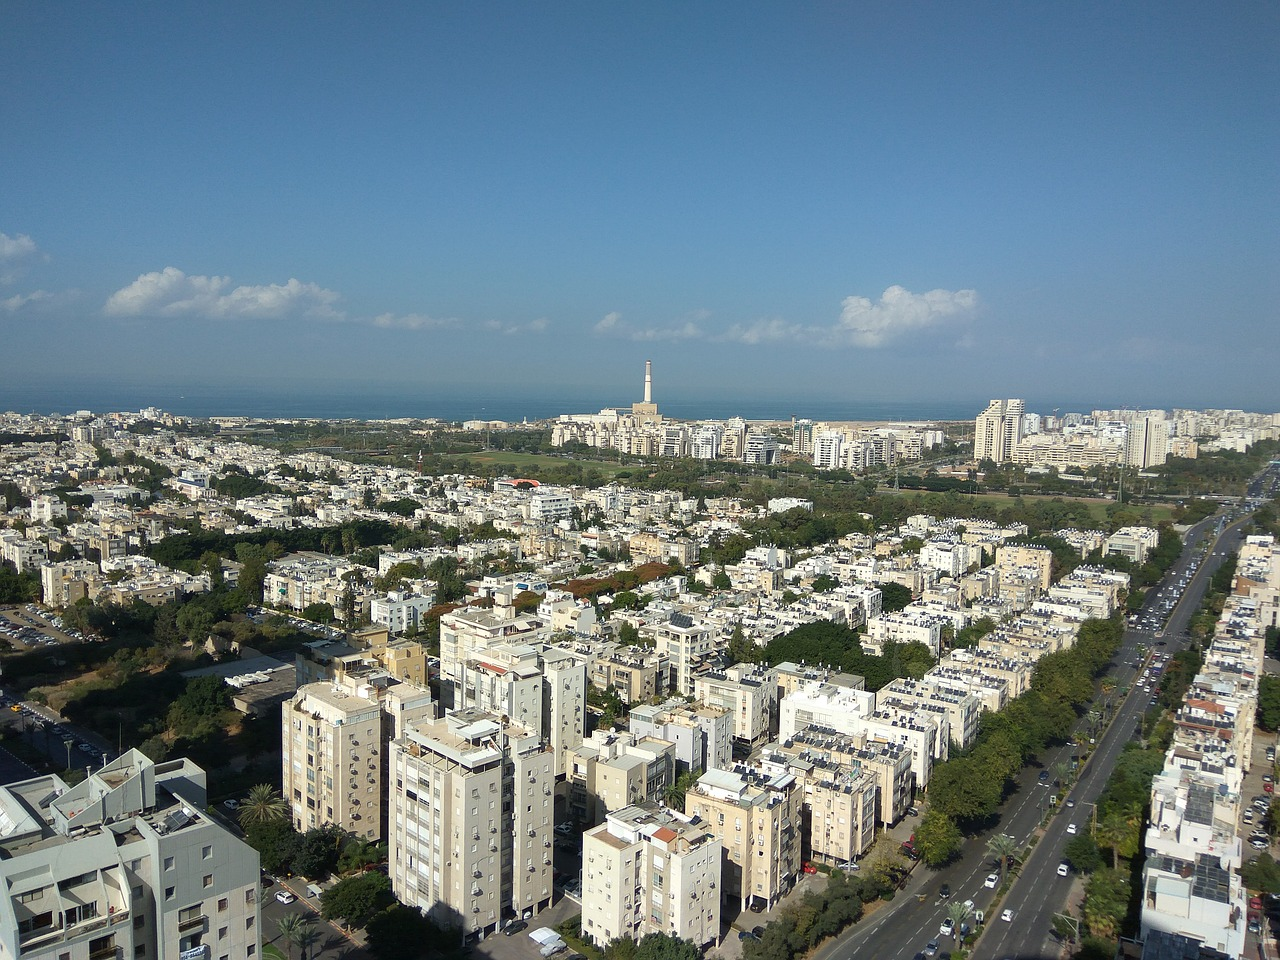 דירות בצפון תל אביב